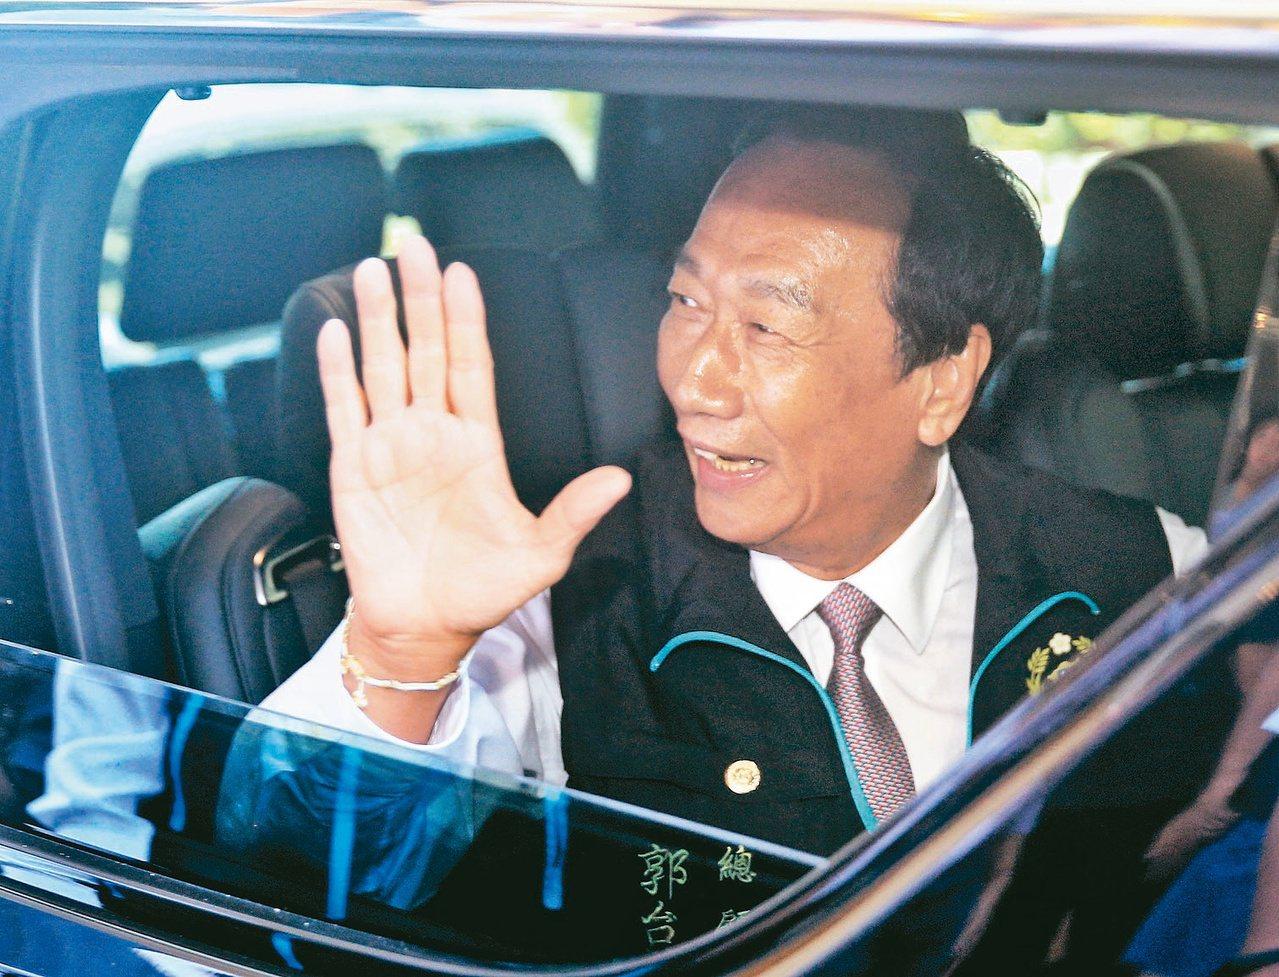 鴻海創辦人郭台銘脫離國民黨,有可能獨立參選2020年總統。 圖/聯合報系資料照片